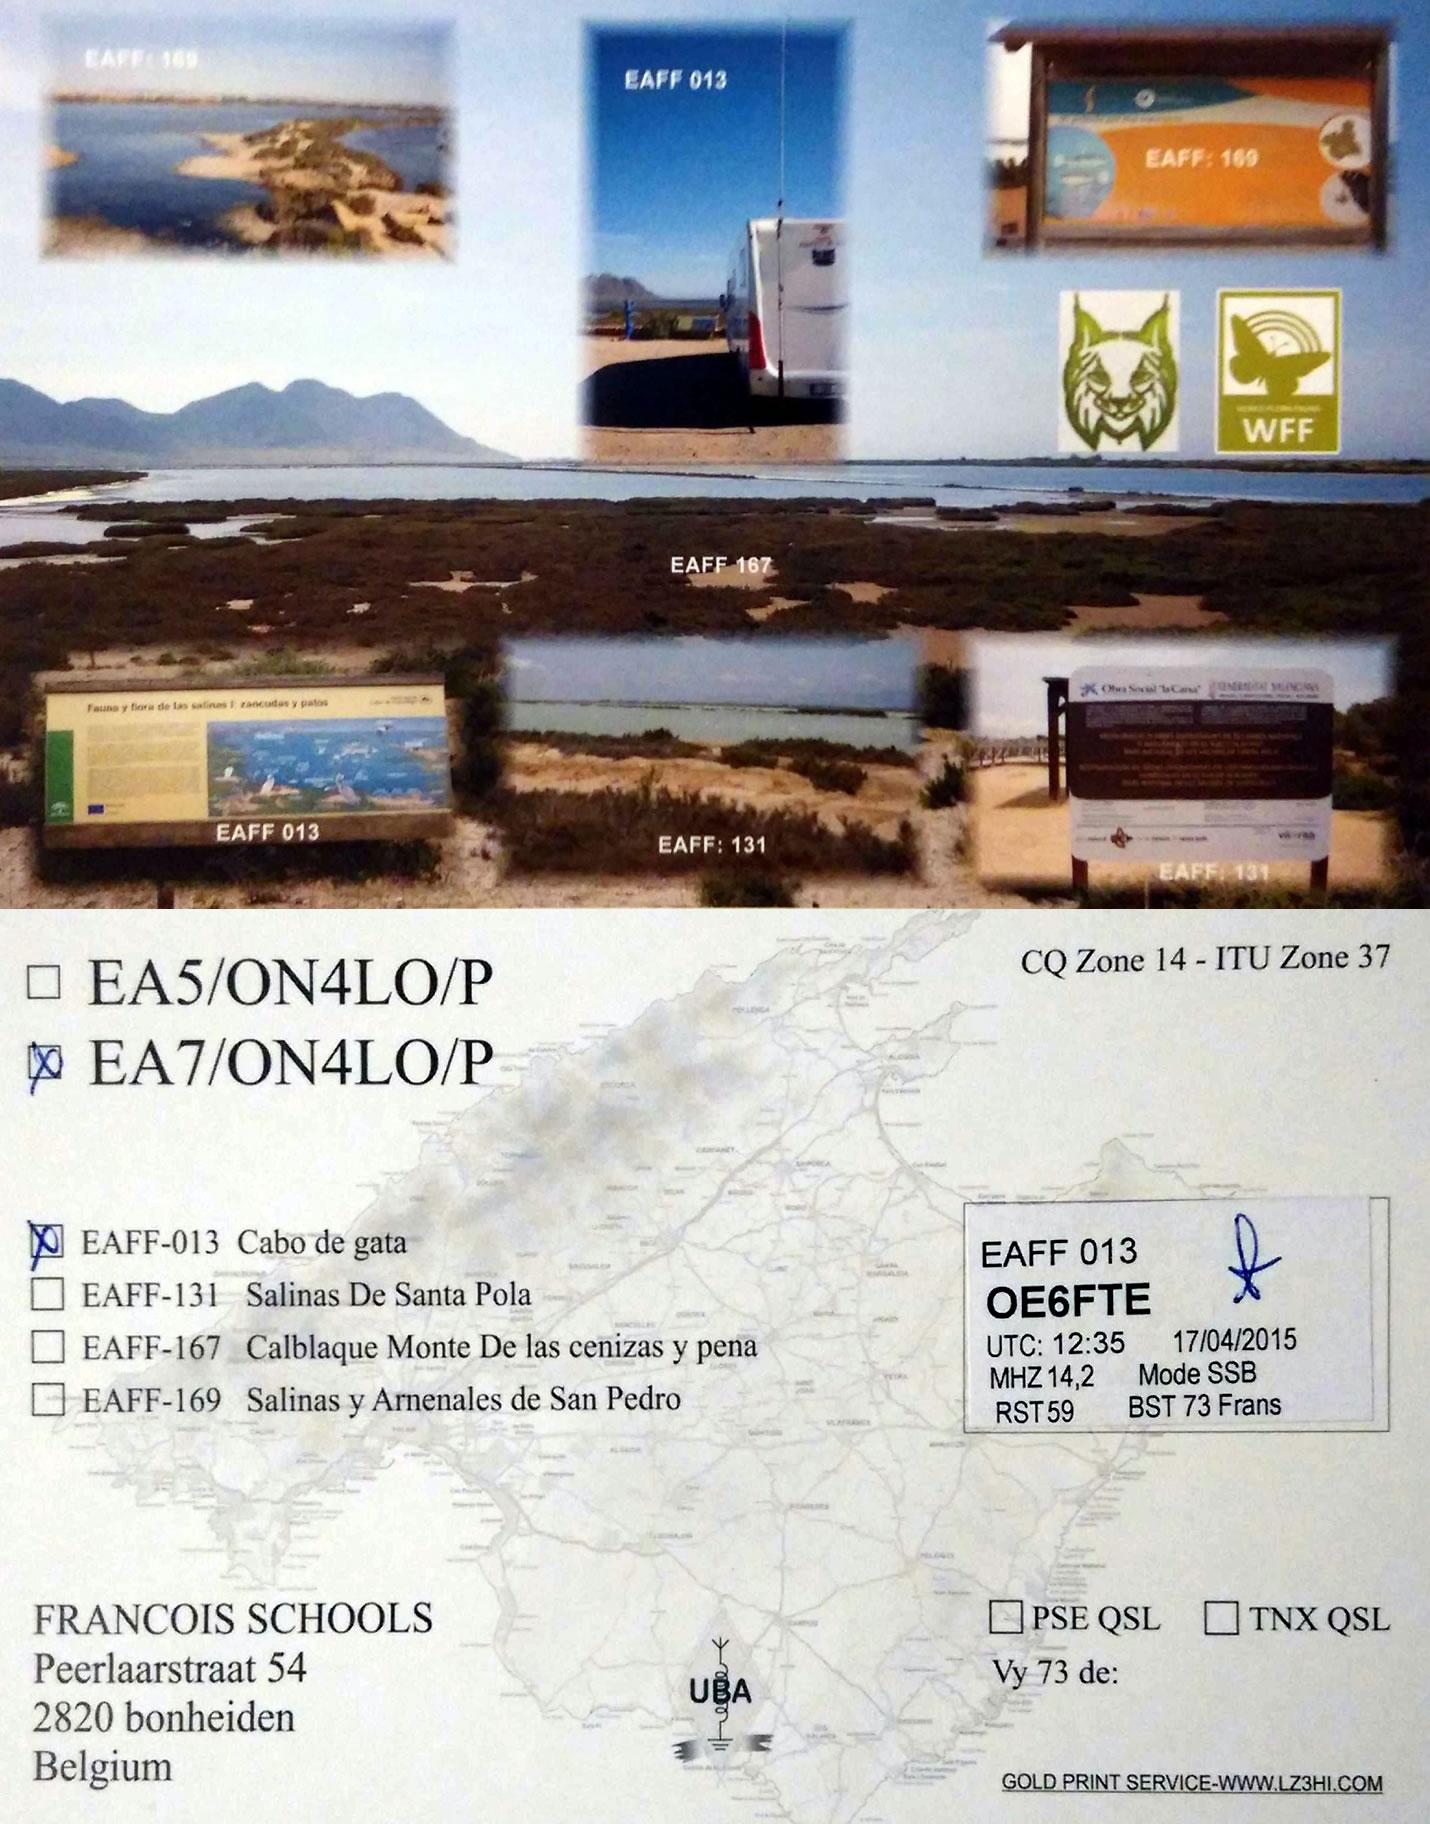 EA7/ON4LO/P